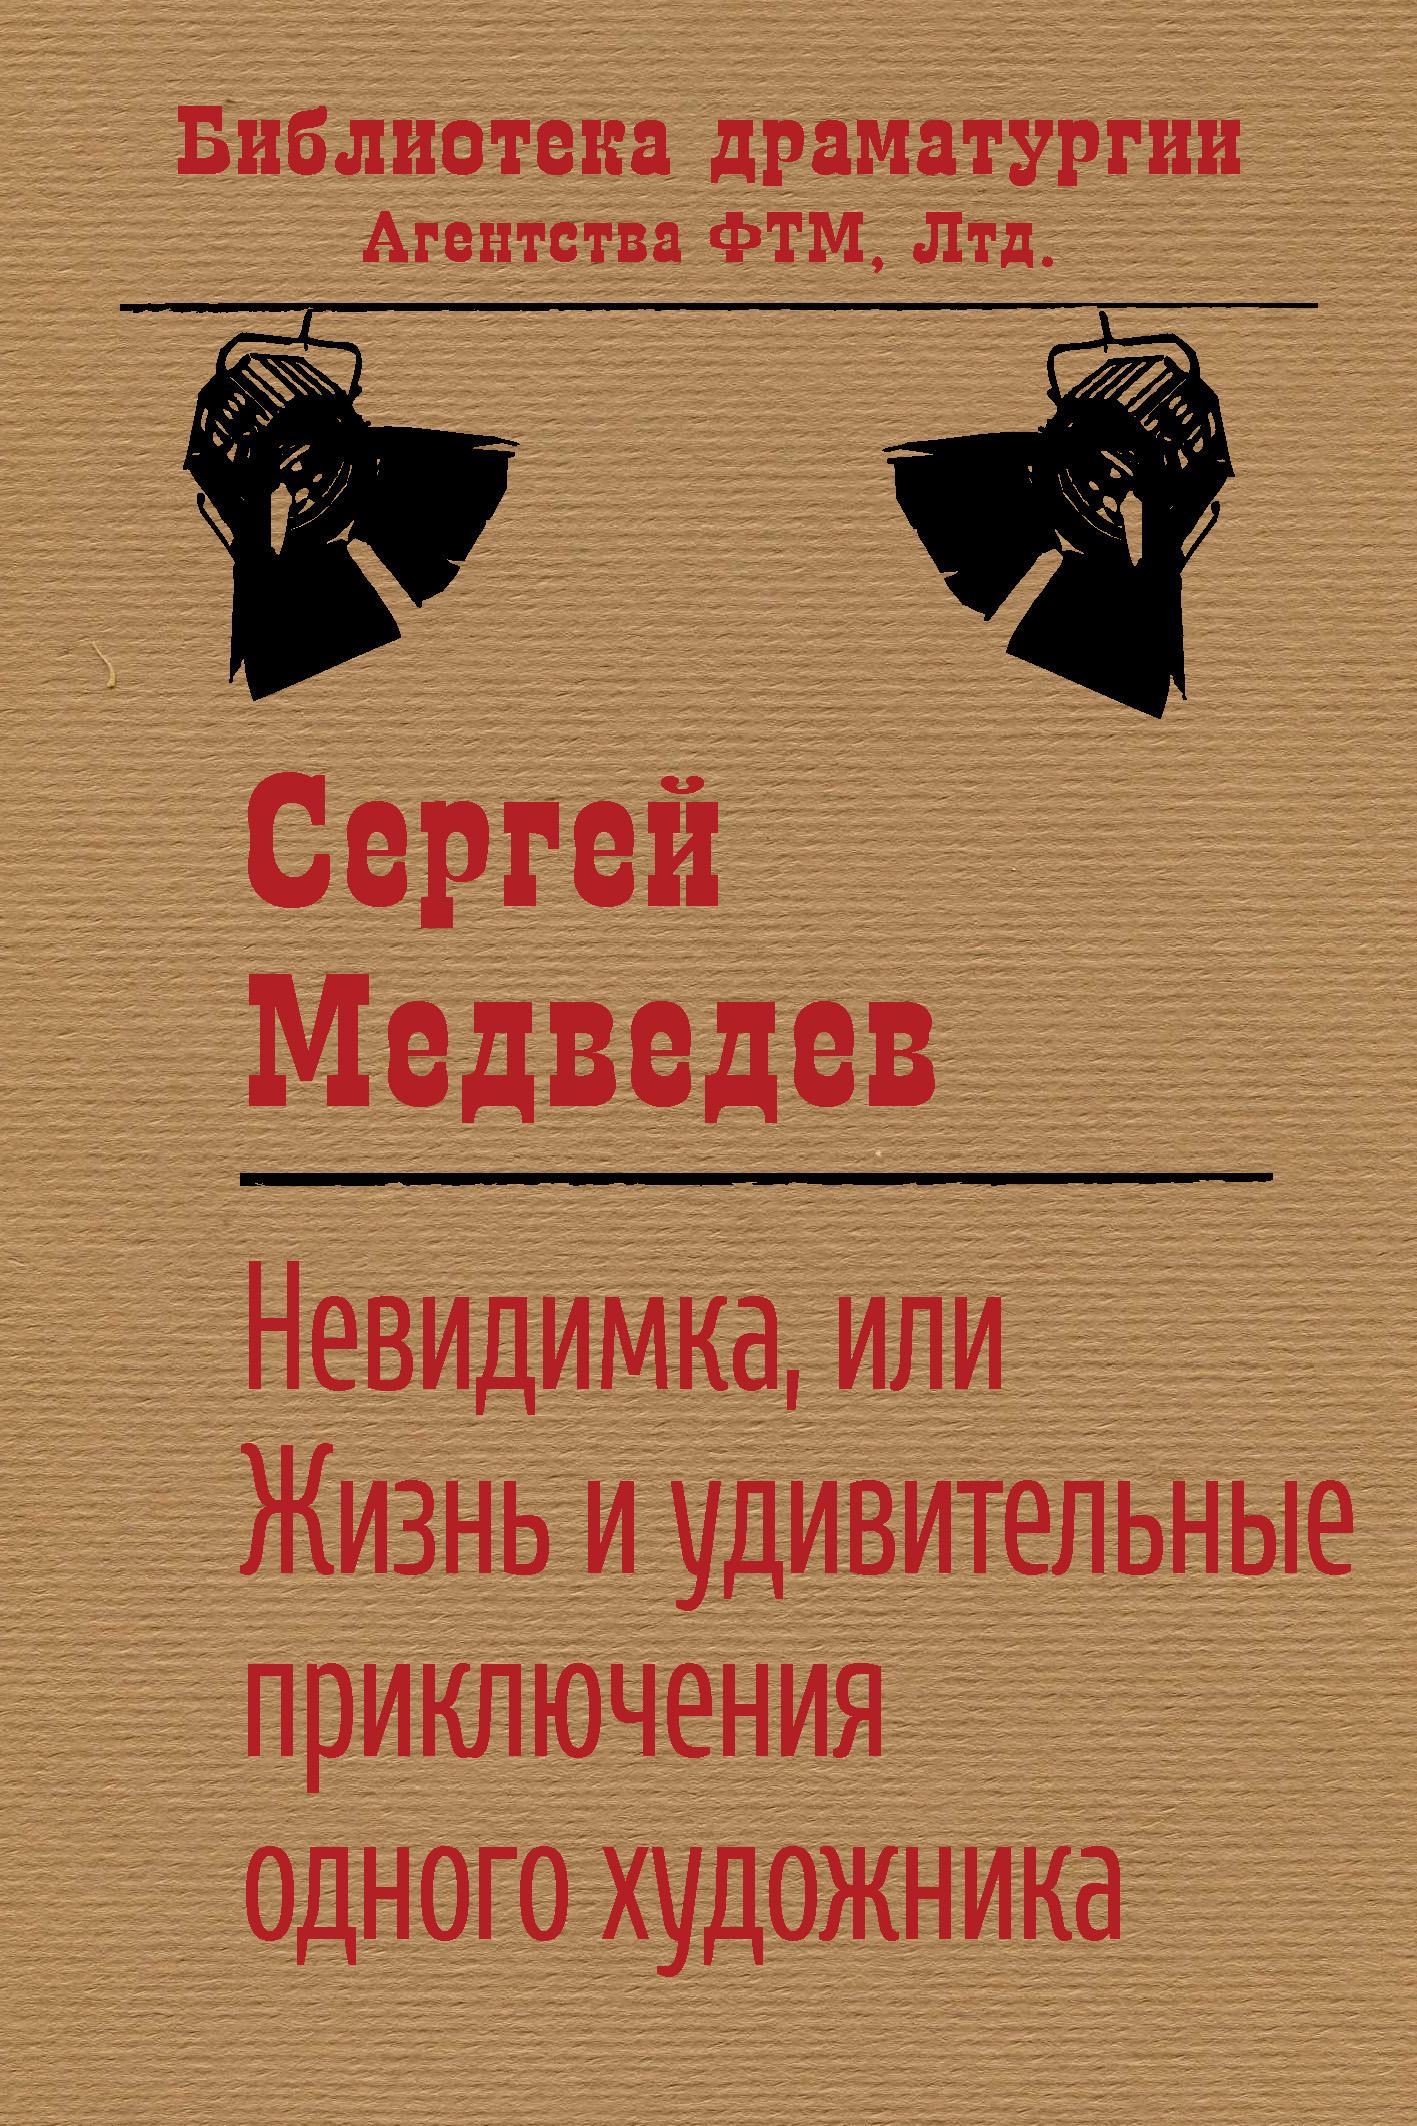 Сергей Медведев Невидимка, или Жизнь и удивительные приключения одного художника цена